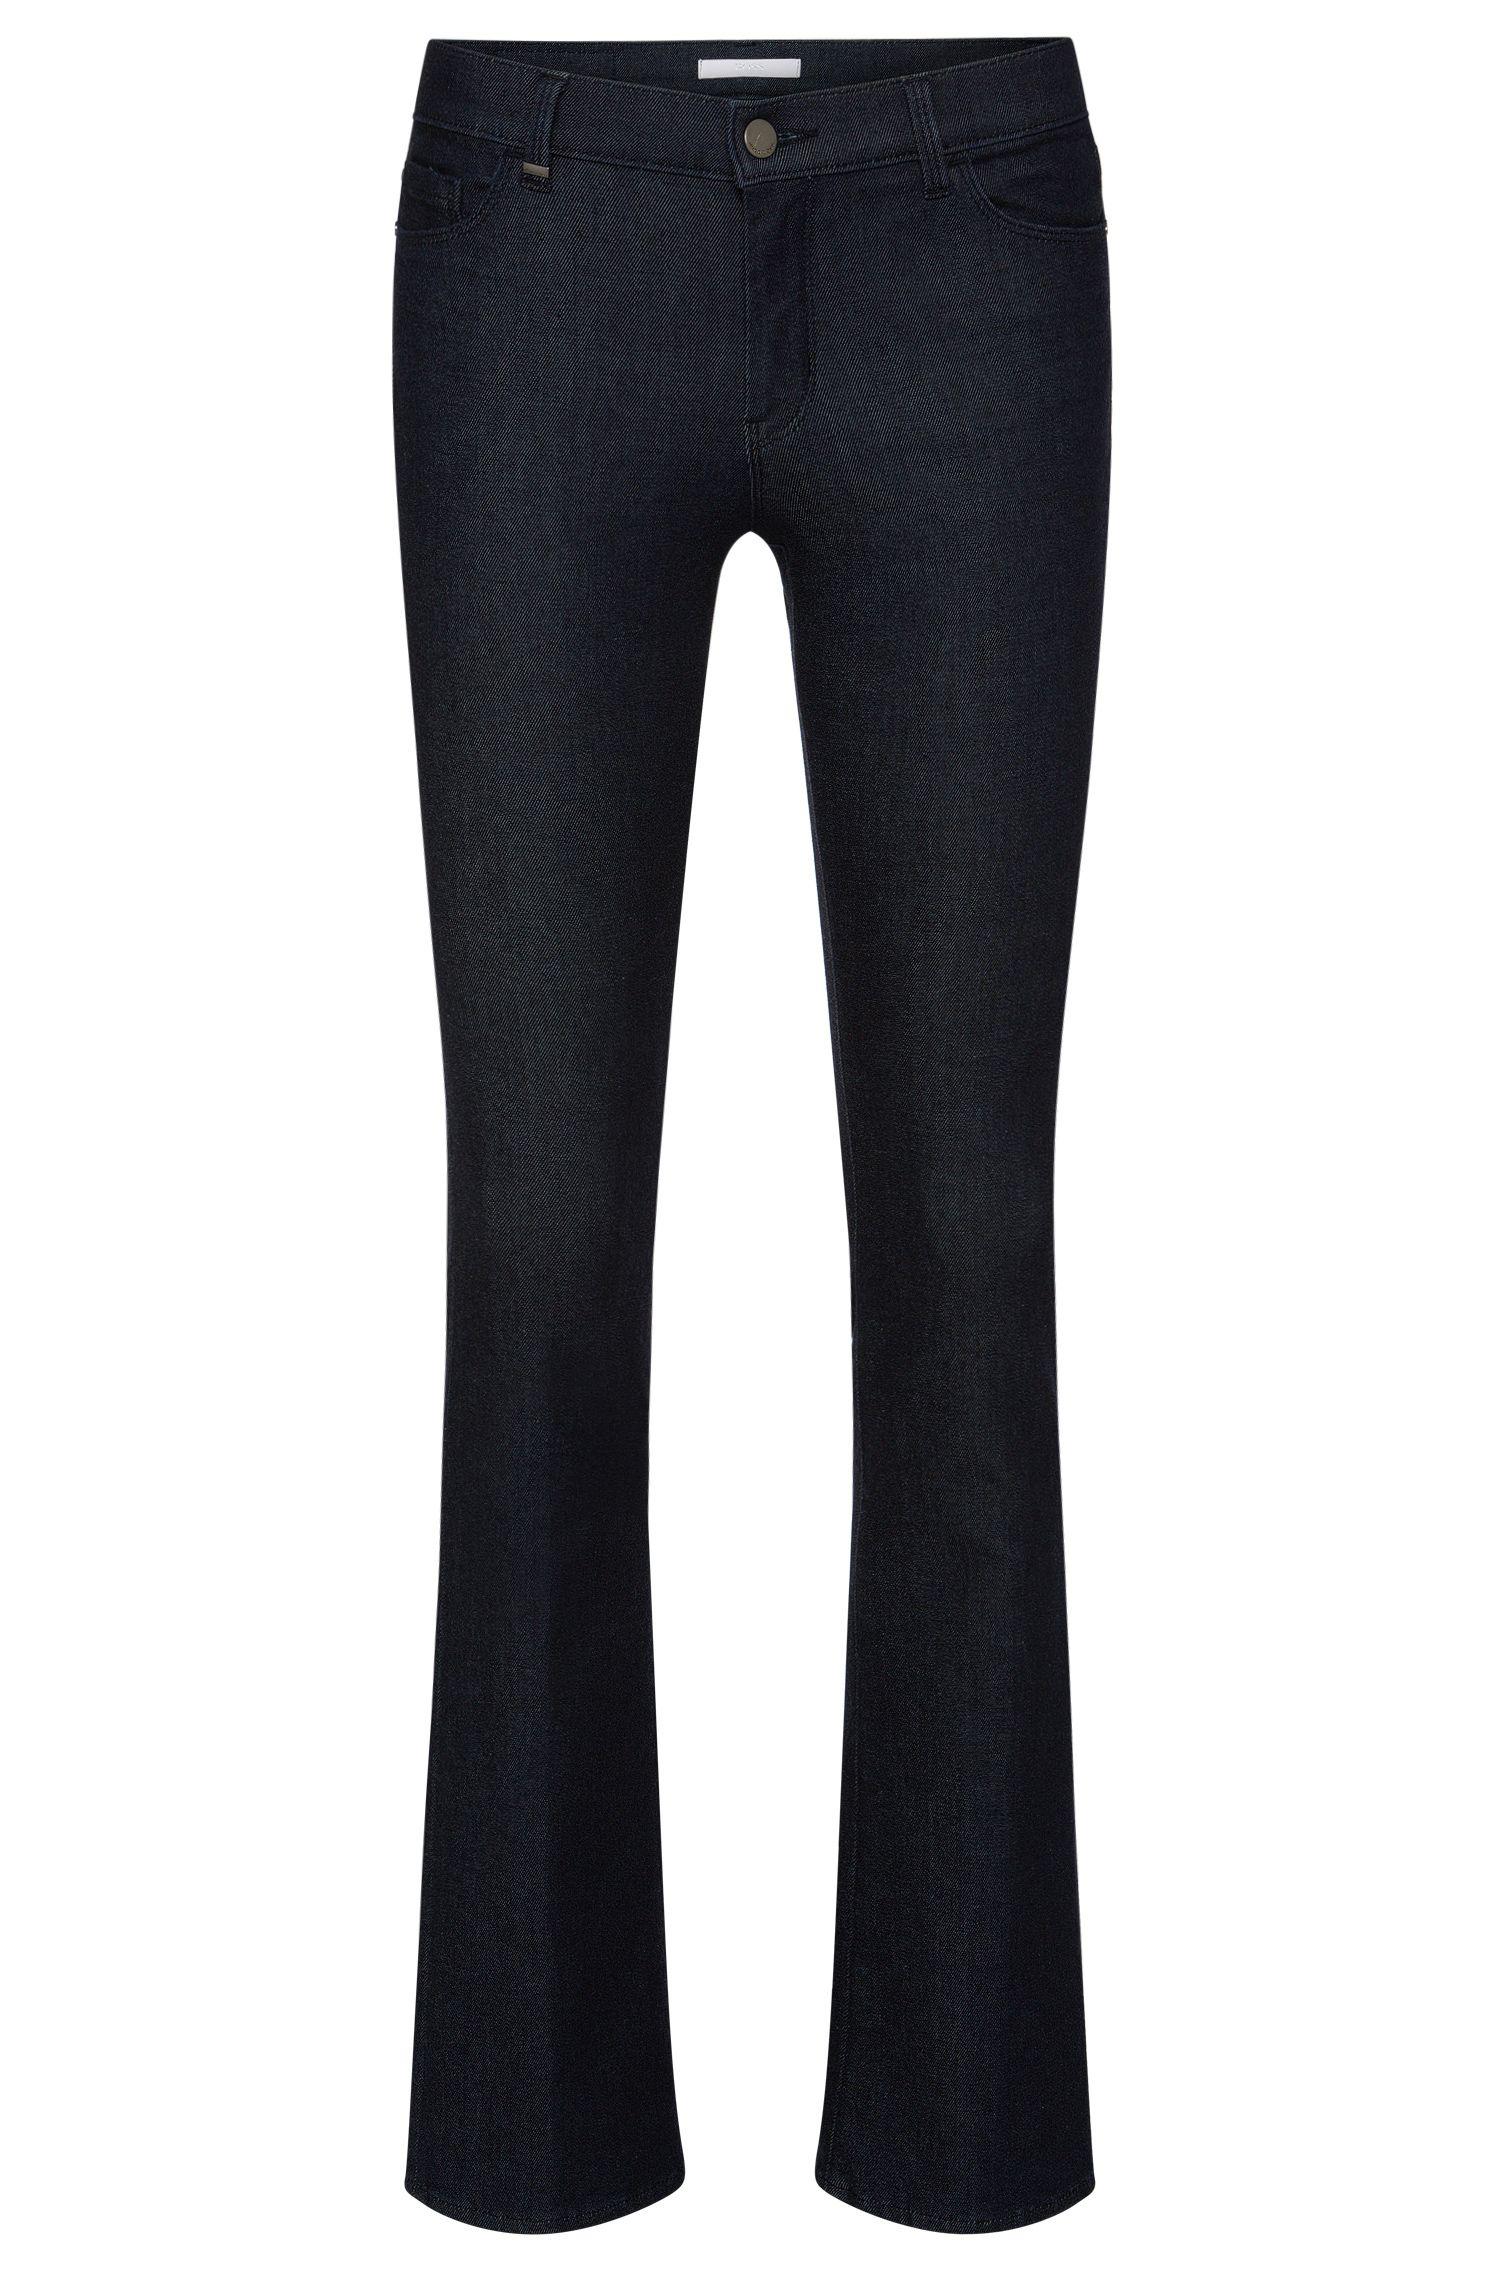 Regular-Fit Jeans aus elastischem Baumwoll-Mix mit ausgestelltem Bein: 'Niona'